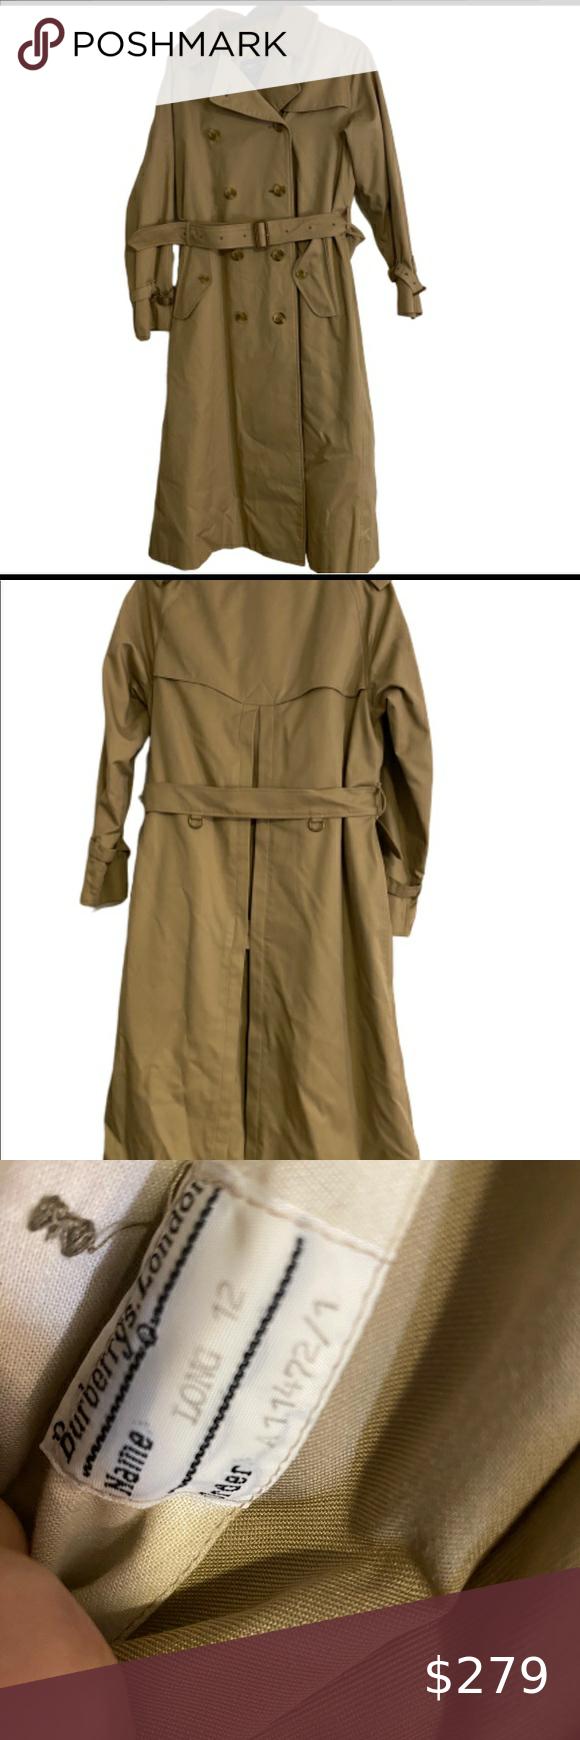 Burberry S Vintage Trench Coat Nova Check 12l Classic Coats Trench Coat Coat